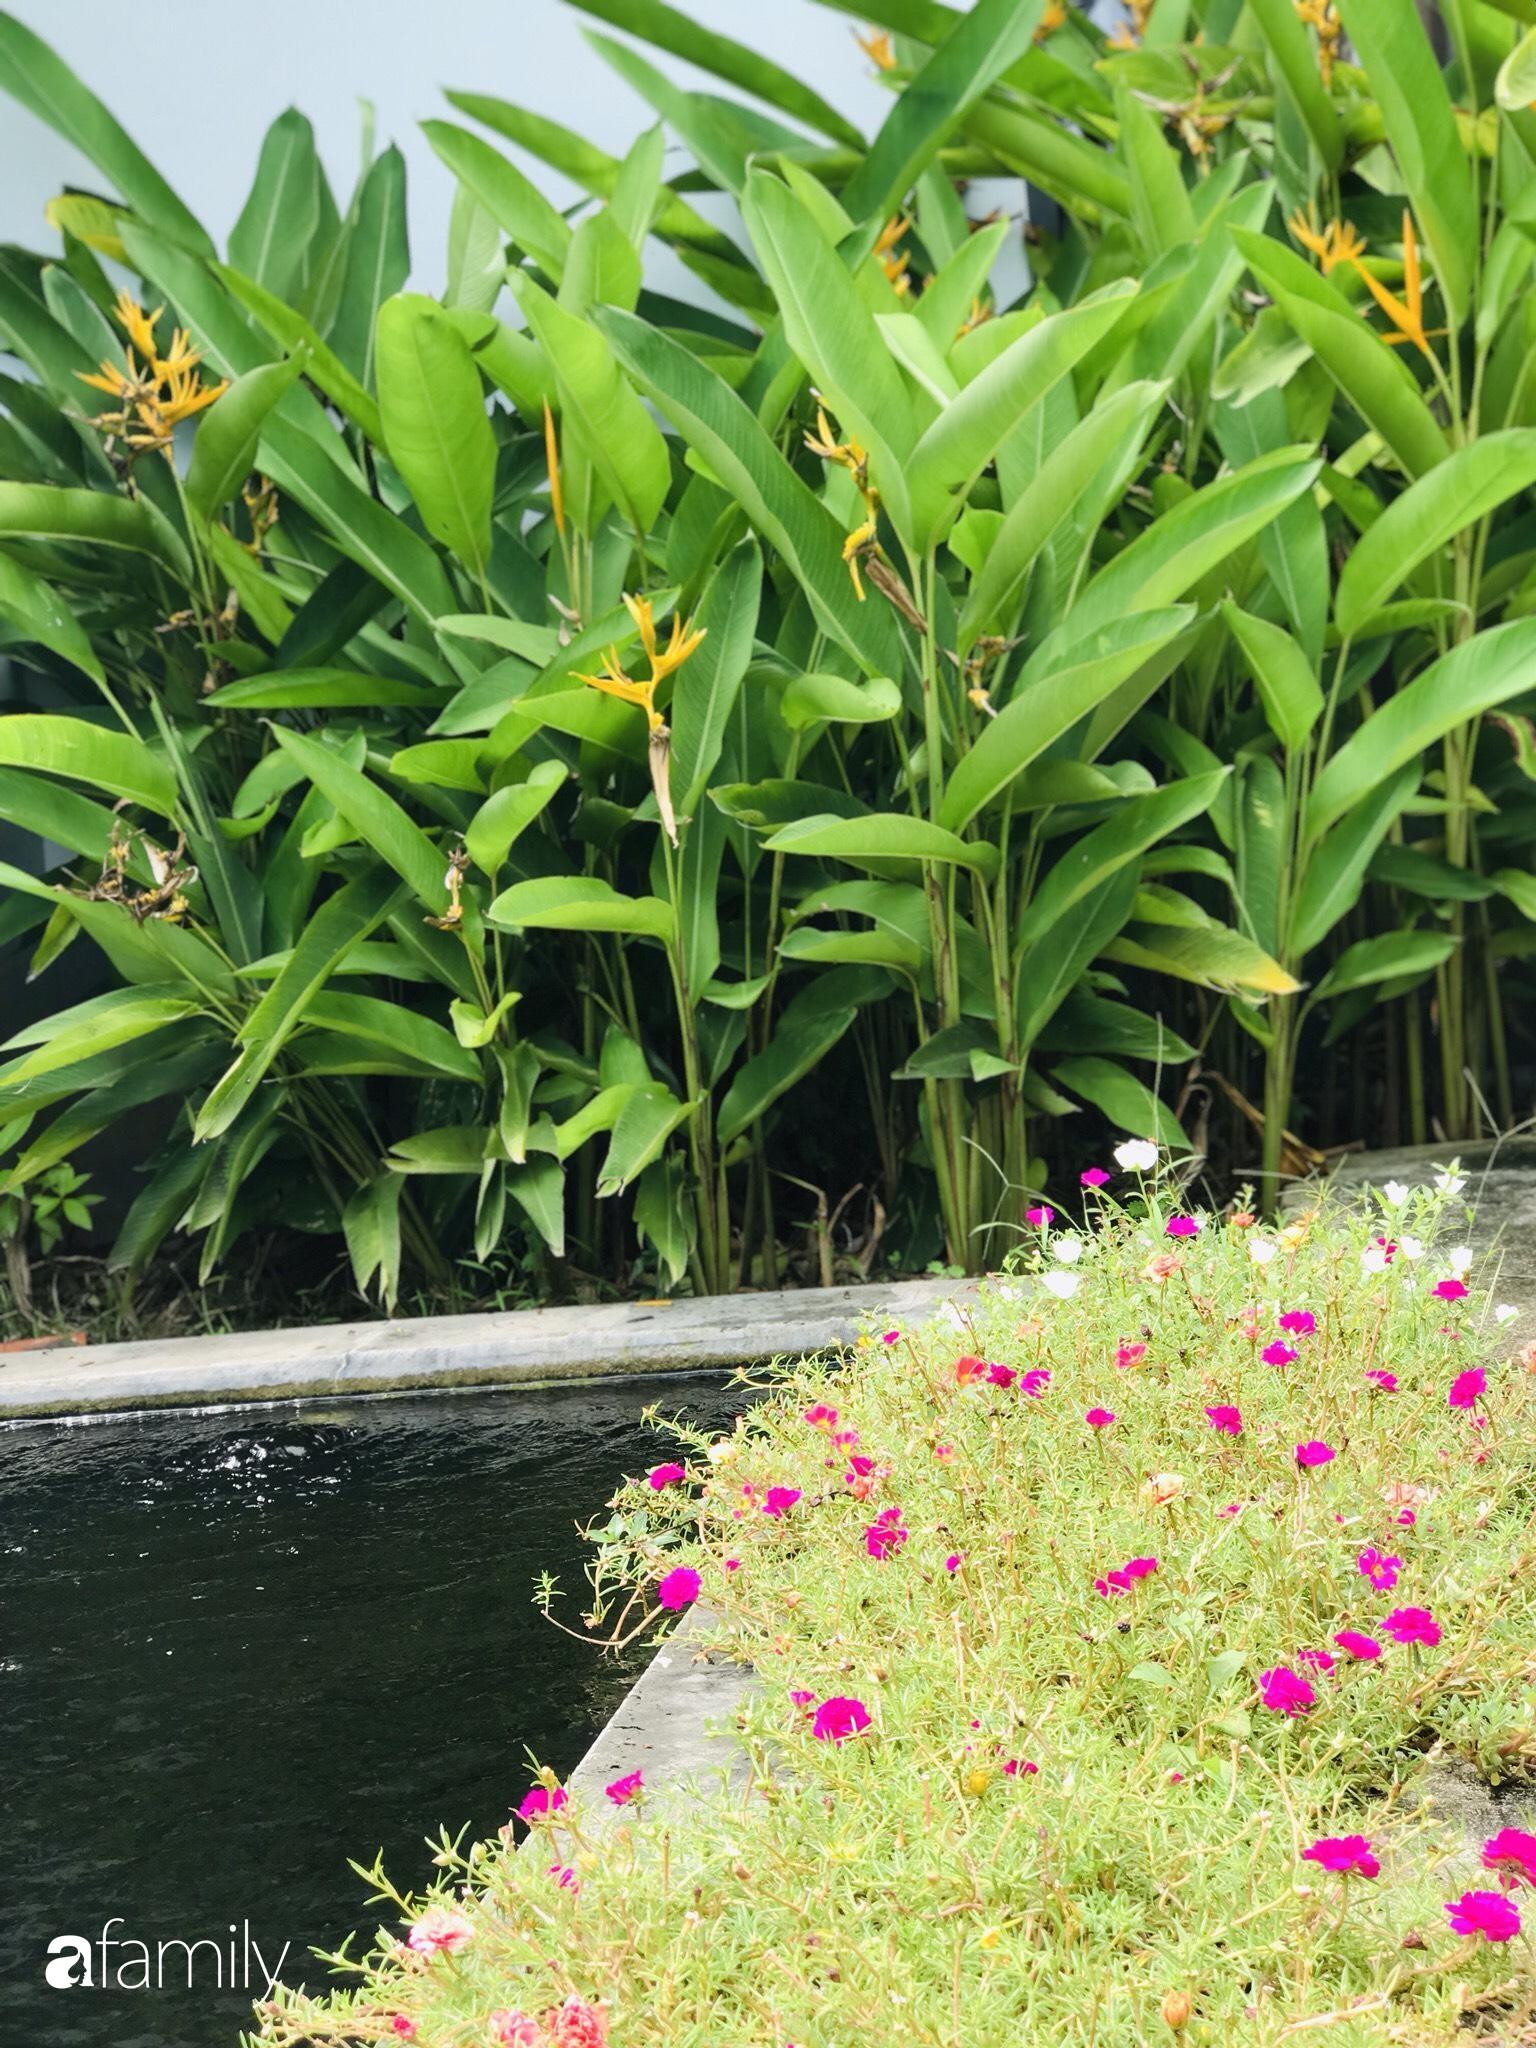 Chàng sinh viên kiến trúc tự decor vườn 200m² với cây xanh và ao cá cho gia đình 4 thế hệ ở ngoại ô Đà Nẵng - Ảnh 13.